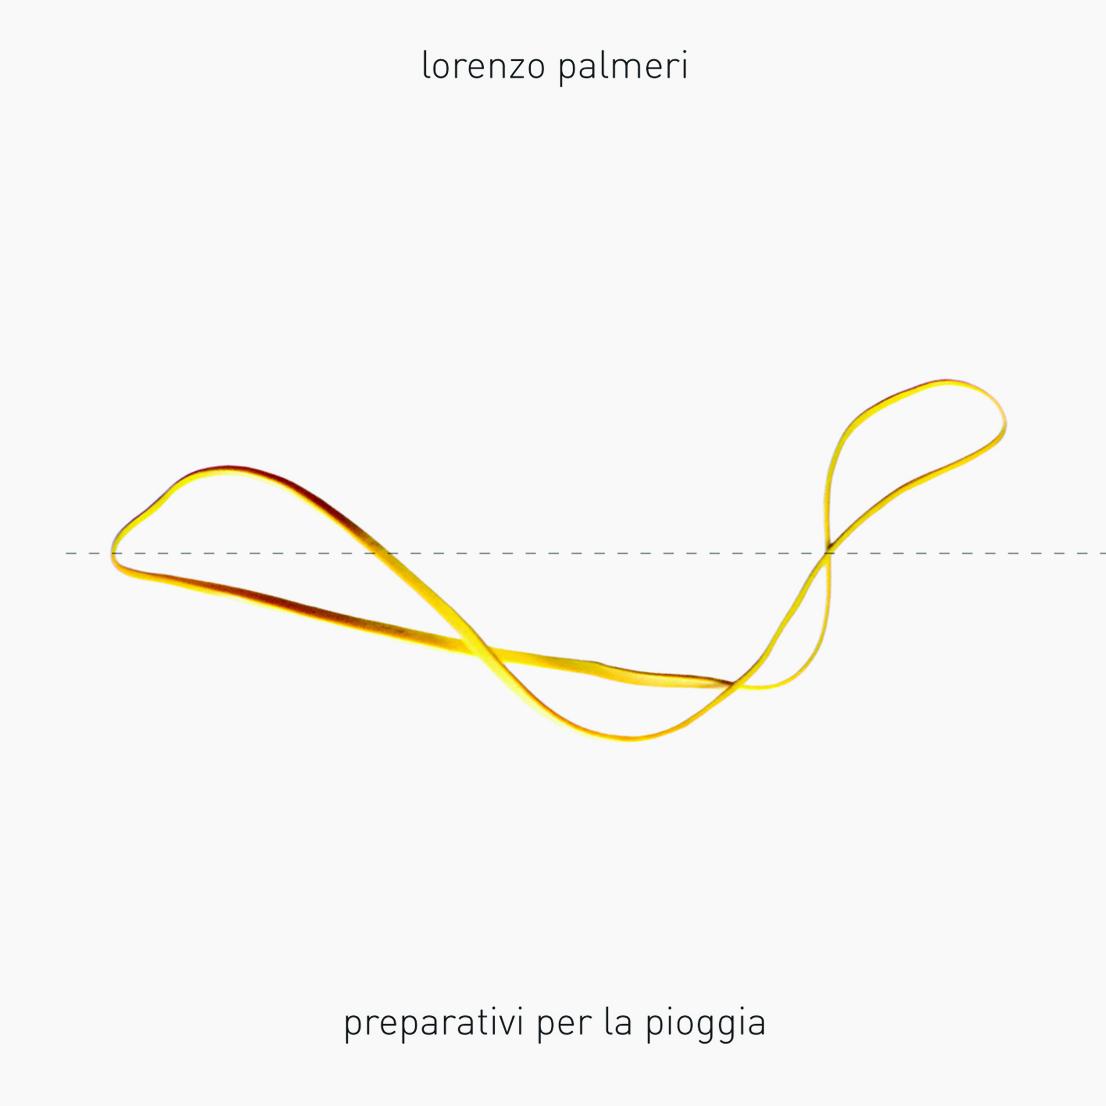 Lorenzo Palmeri, Preparativi per la pioggia.